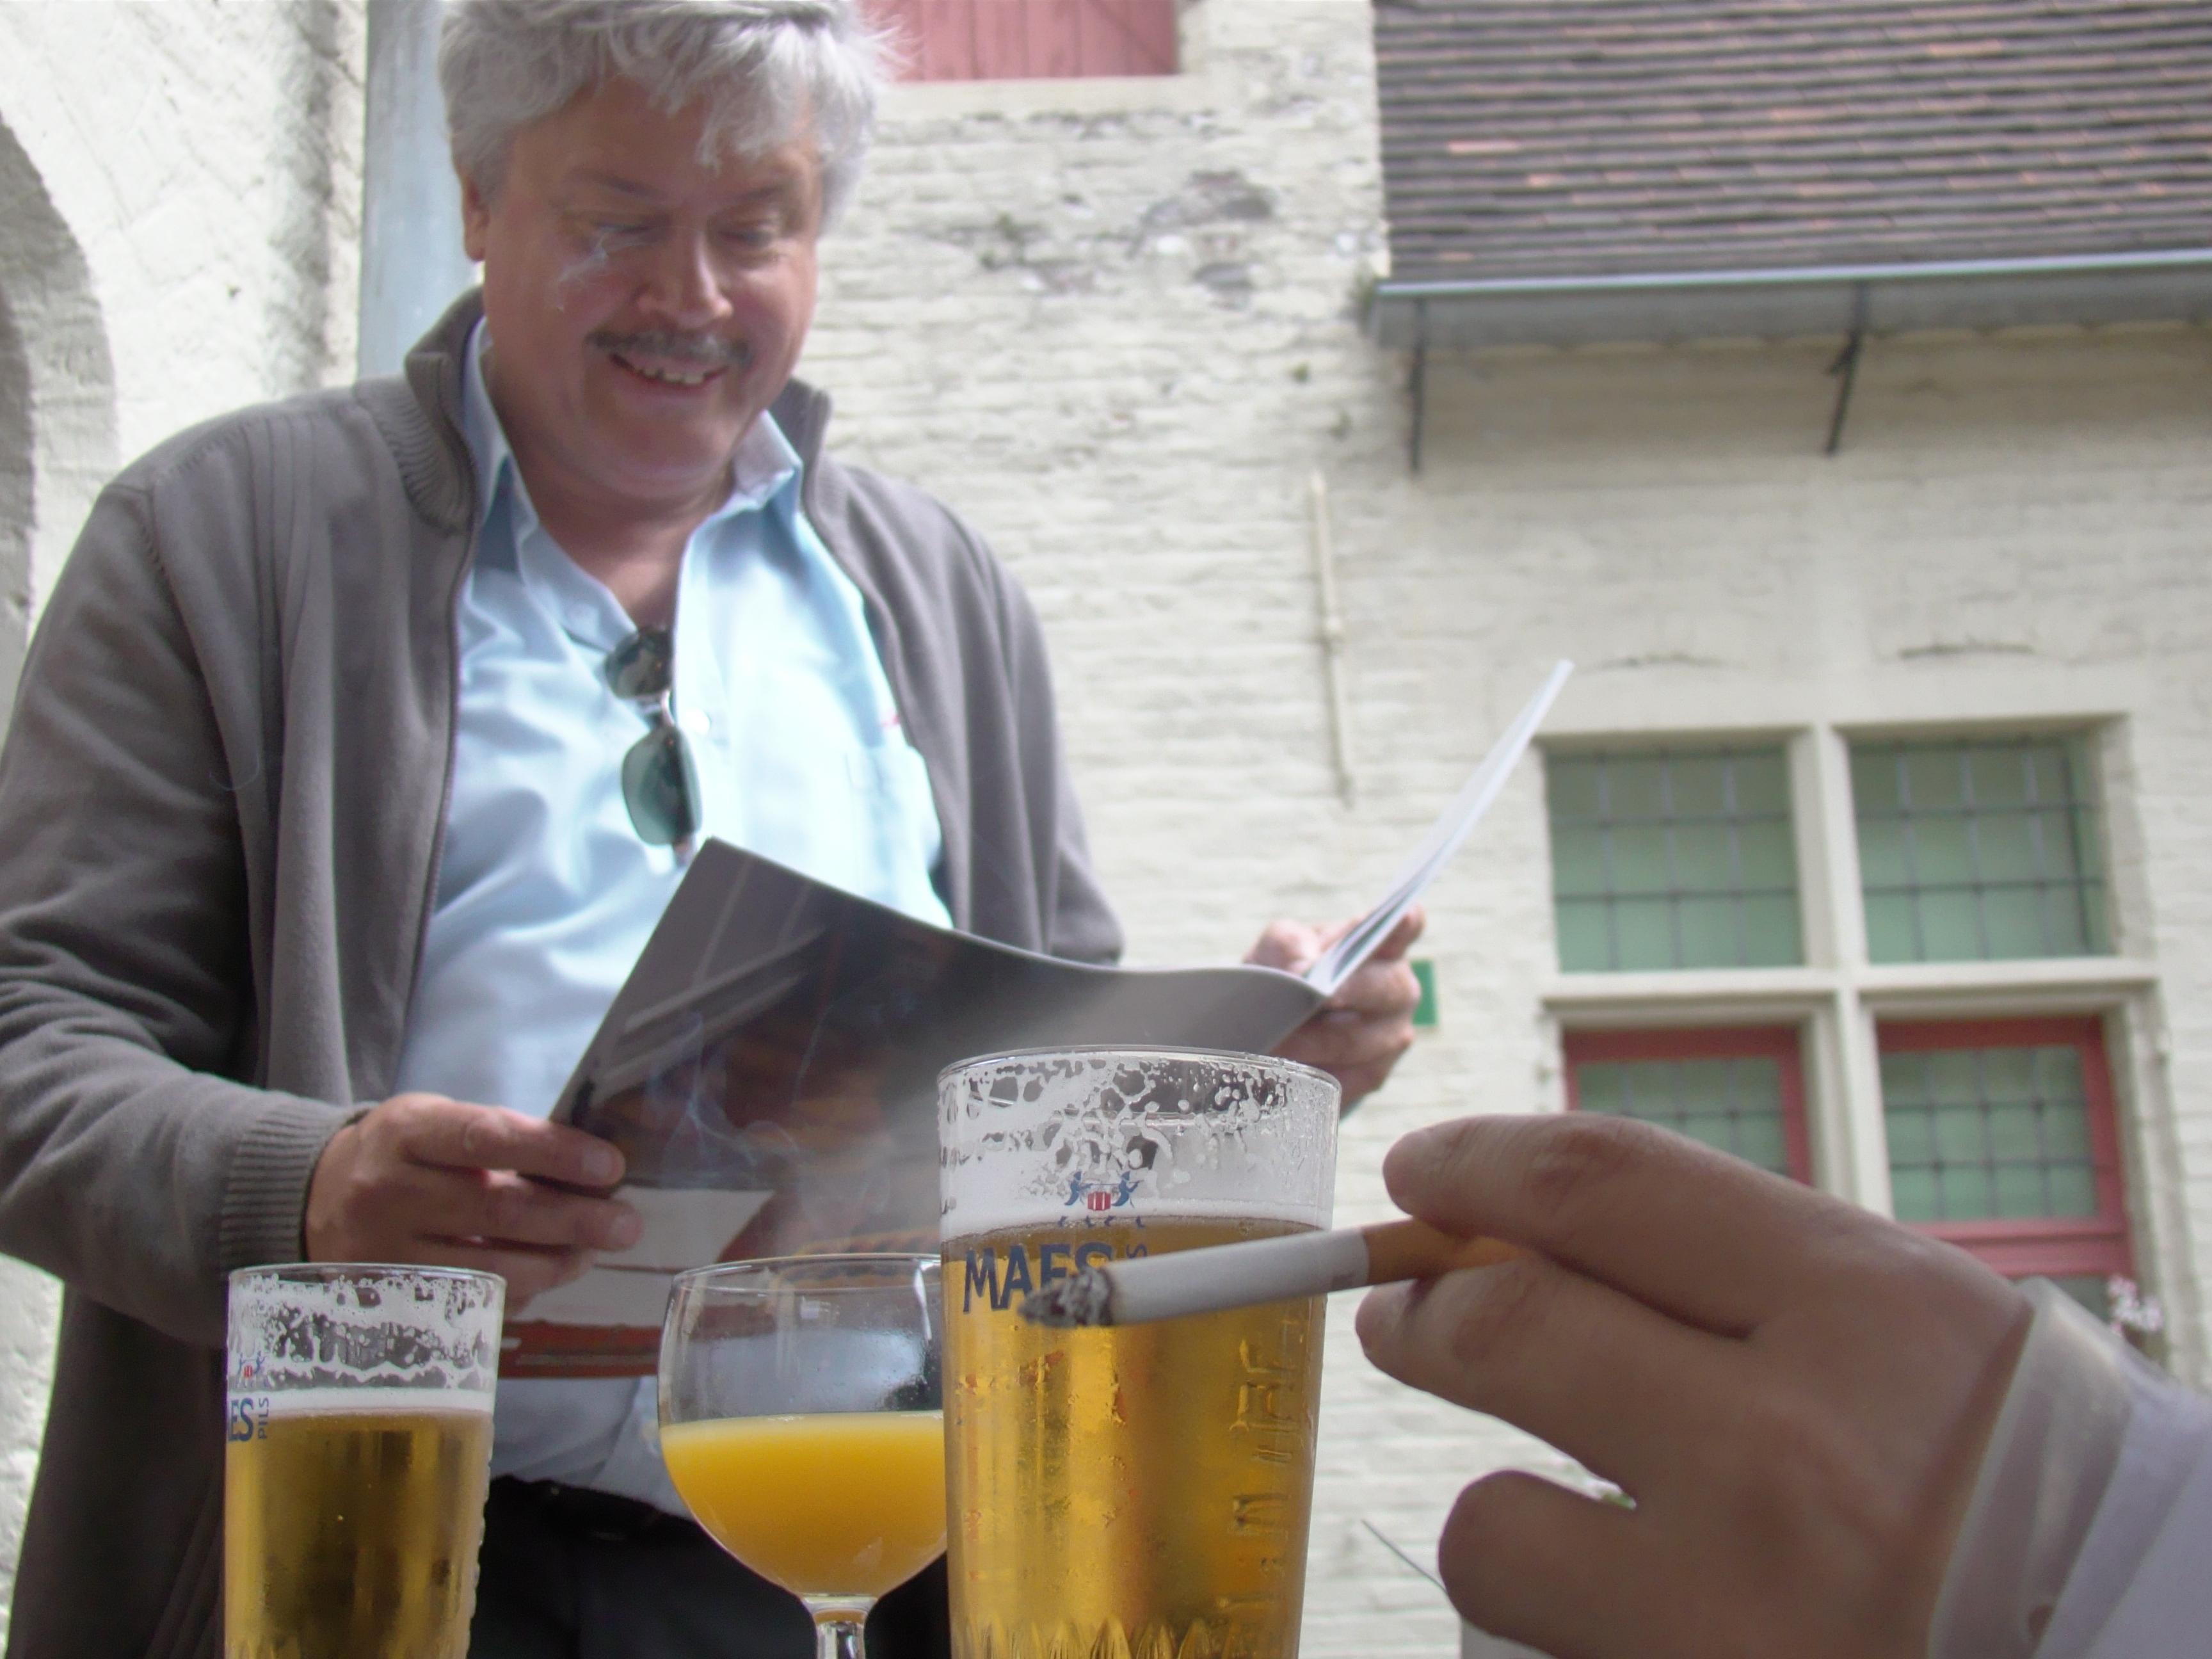 Cafébaas Jacky van de Folklore raakt in vervoering als hij de pagina's over zijn zaak onder ogen krijgt.